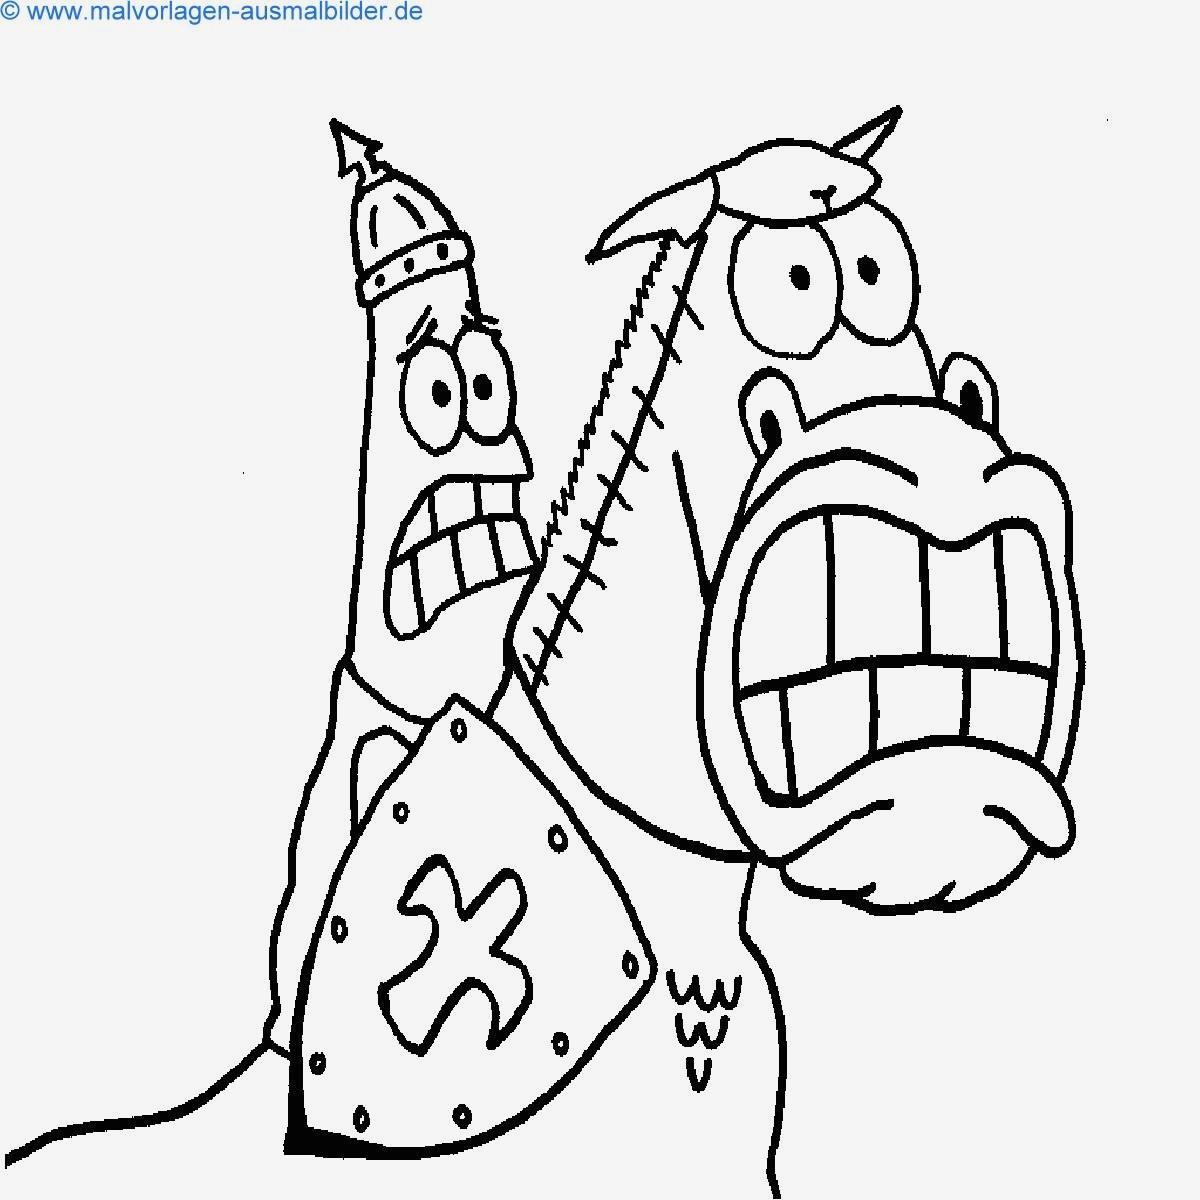 Ausmalbilder Filly Pferde Neu Malvorlagen Kostenlos Pferde Eine Sammlung Von Färbung Bilder Sammlung